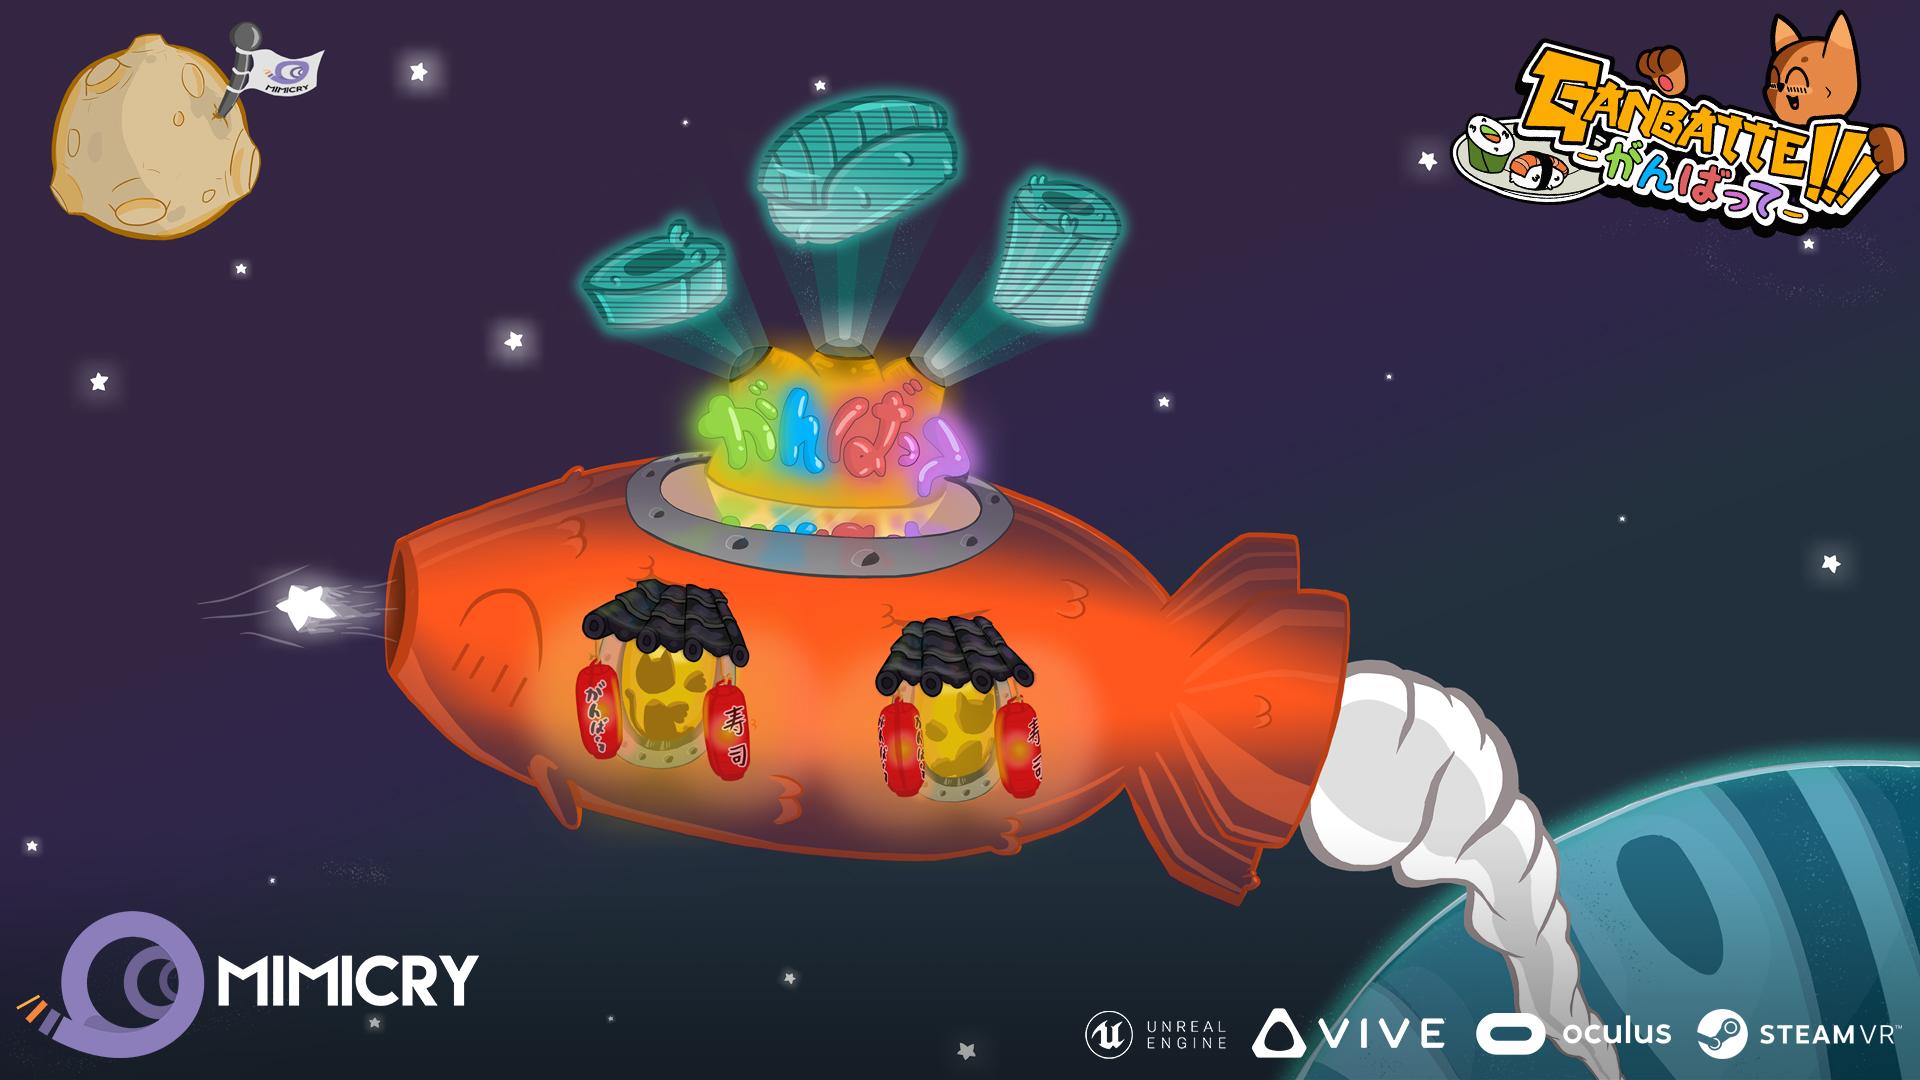 Ganbatte Koy Space Promo Platforms